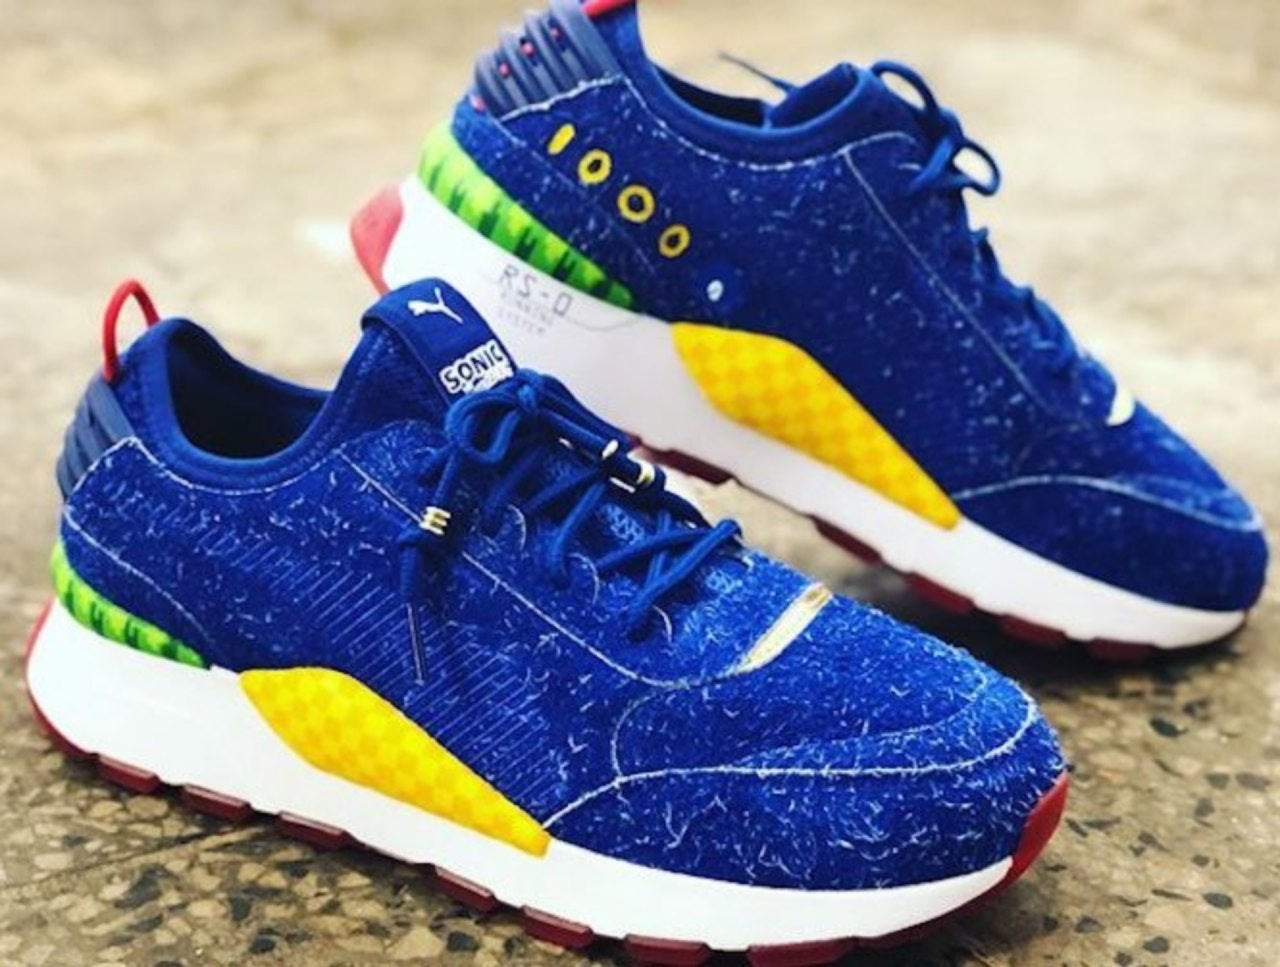 Closer Look At the Puma x Sega Sonic Shoes